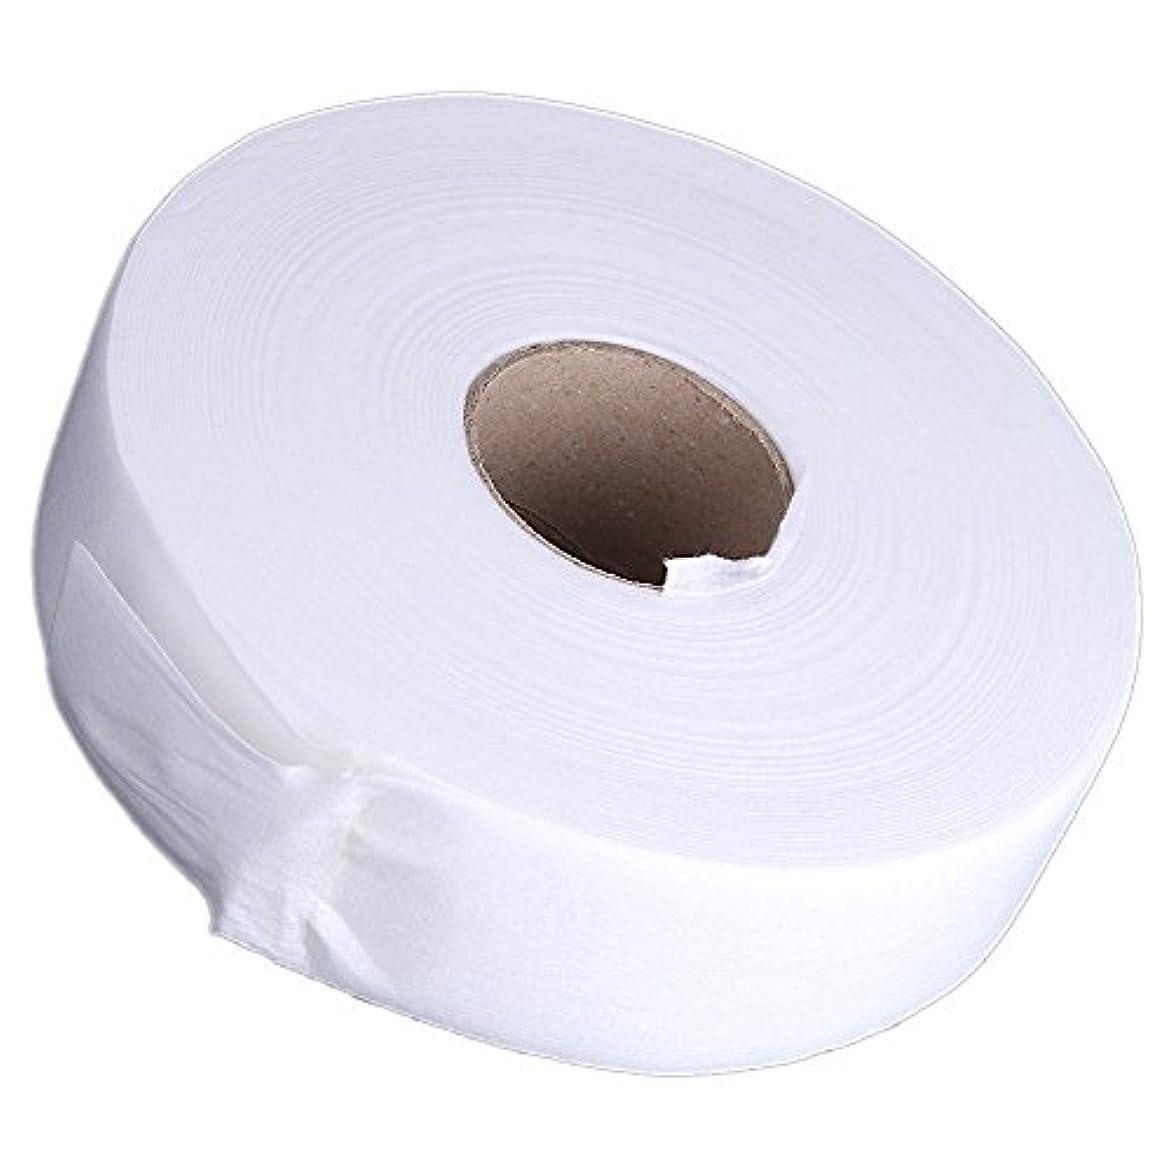 独特のマチュピチュバックACAMPTAR 100ヤードの脱毛紙脱毛ワックスストリップ 不織布ペーパーワックスロール(白)